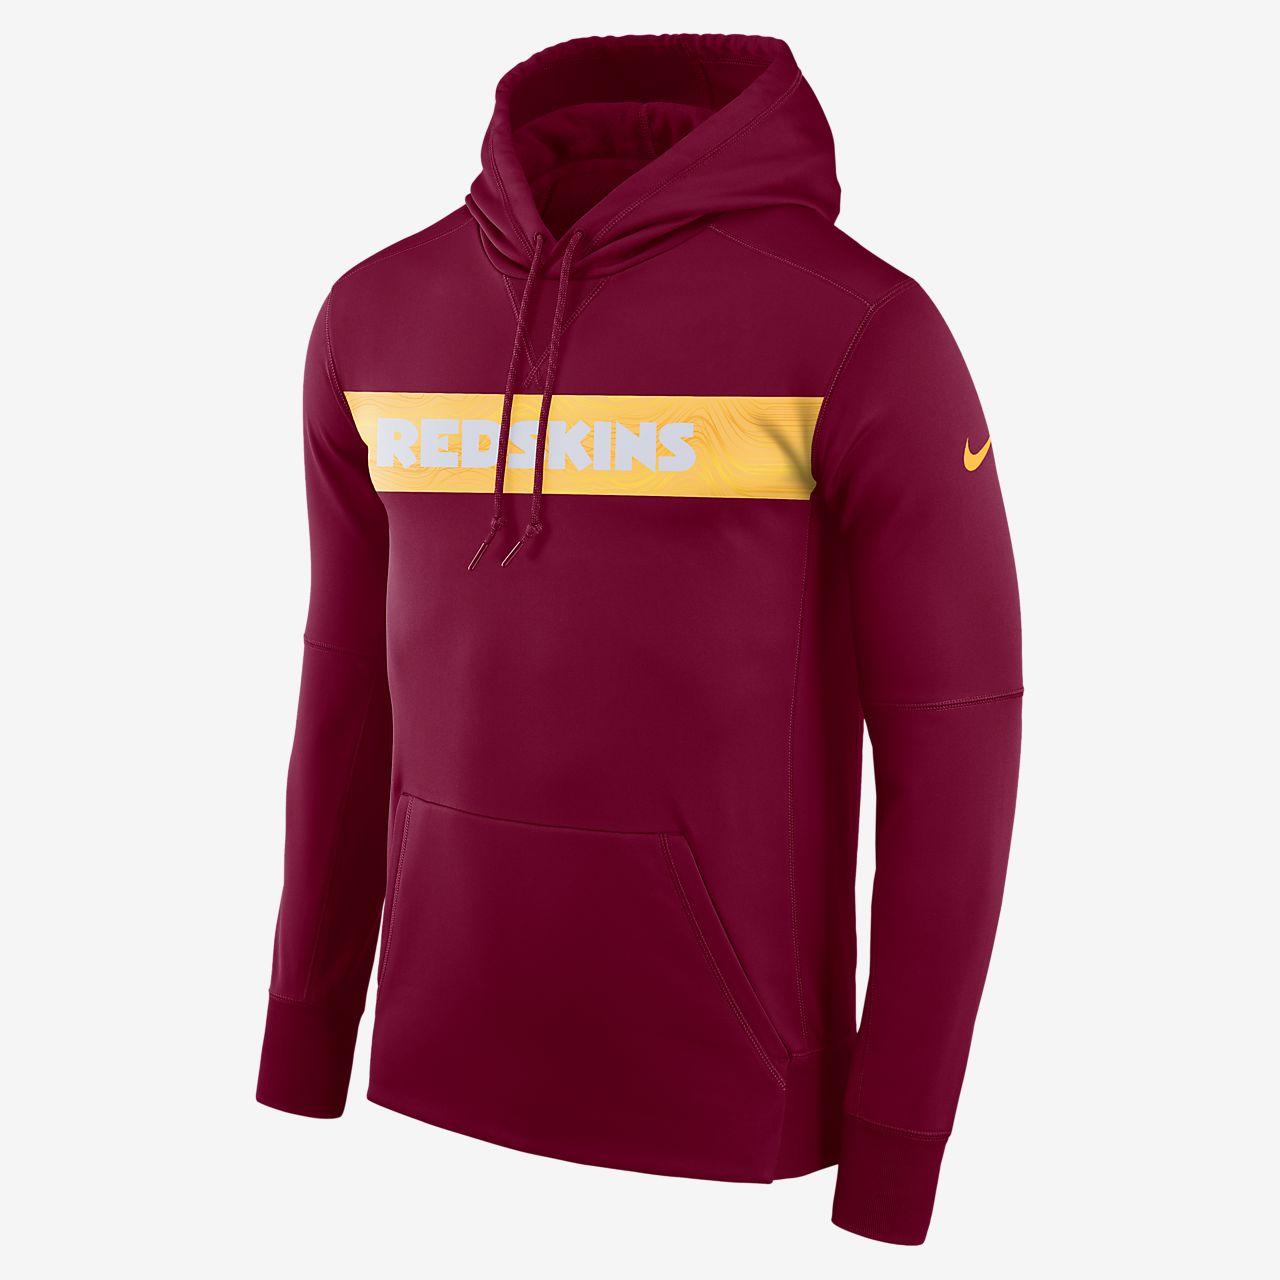 380b68b51 Męska bluza z kapturem Nike Dri-FIT Therma (NFL Redskins). Nike.com PL